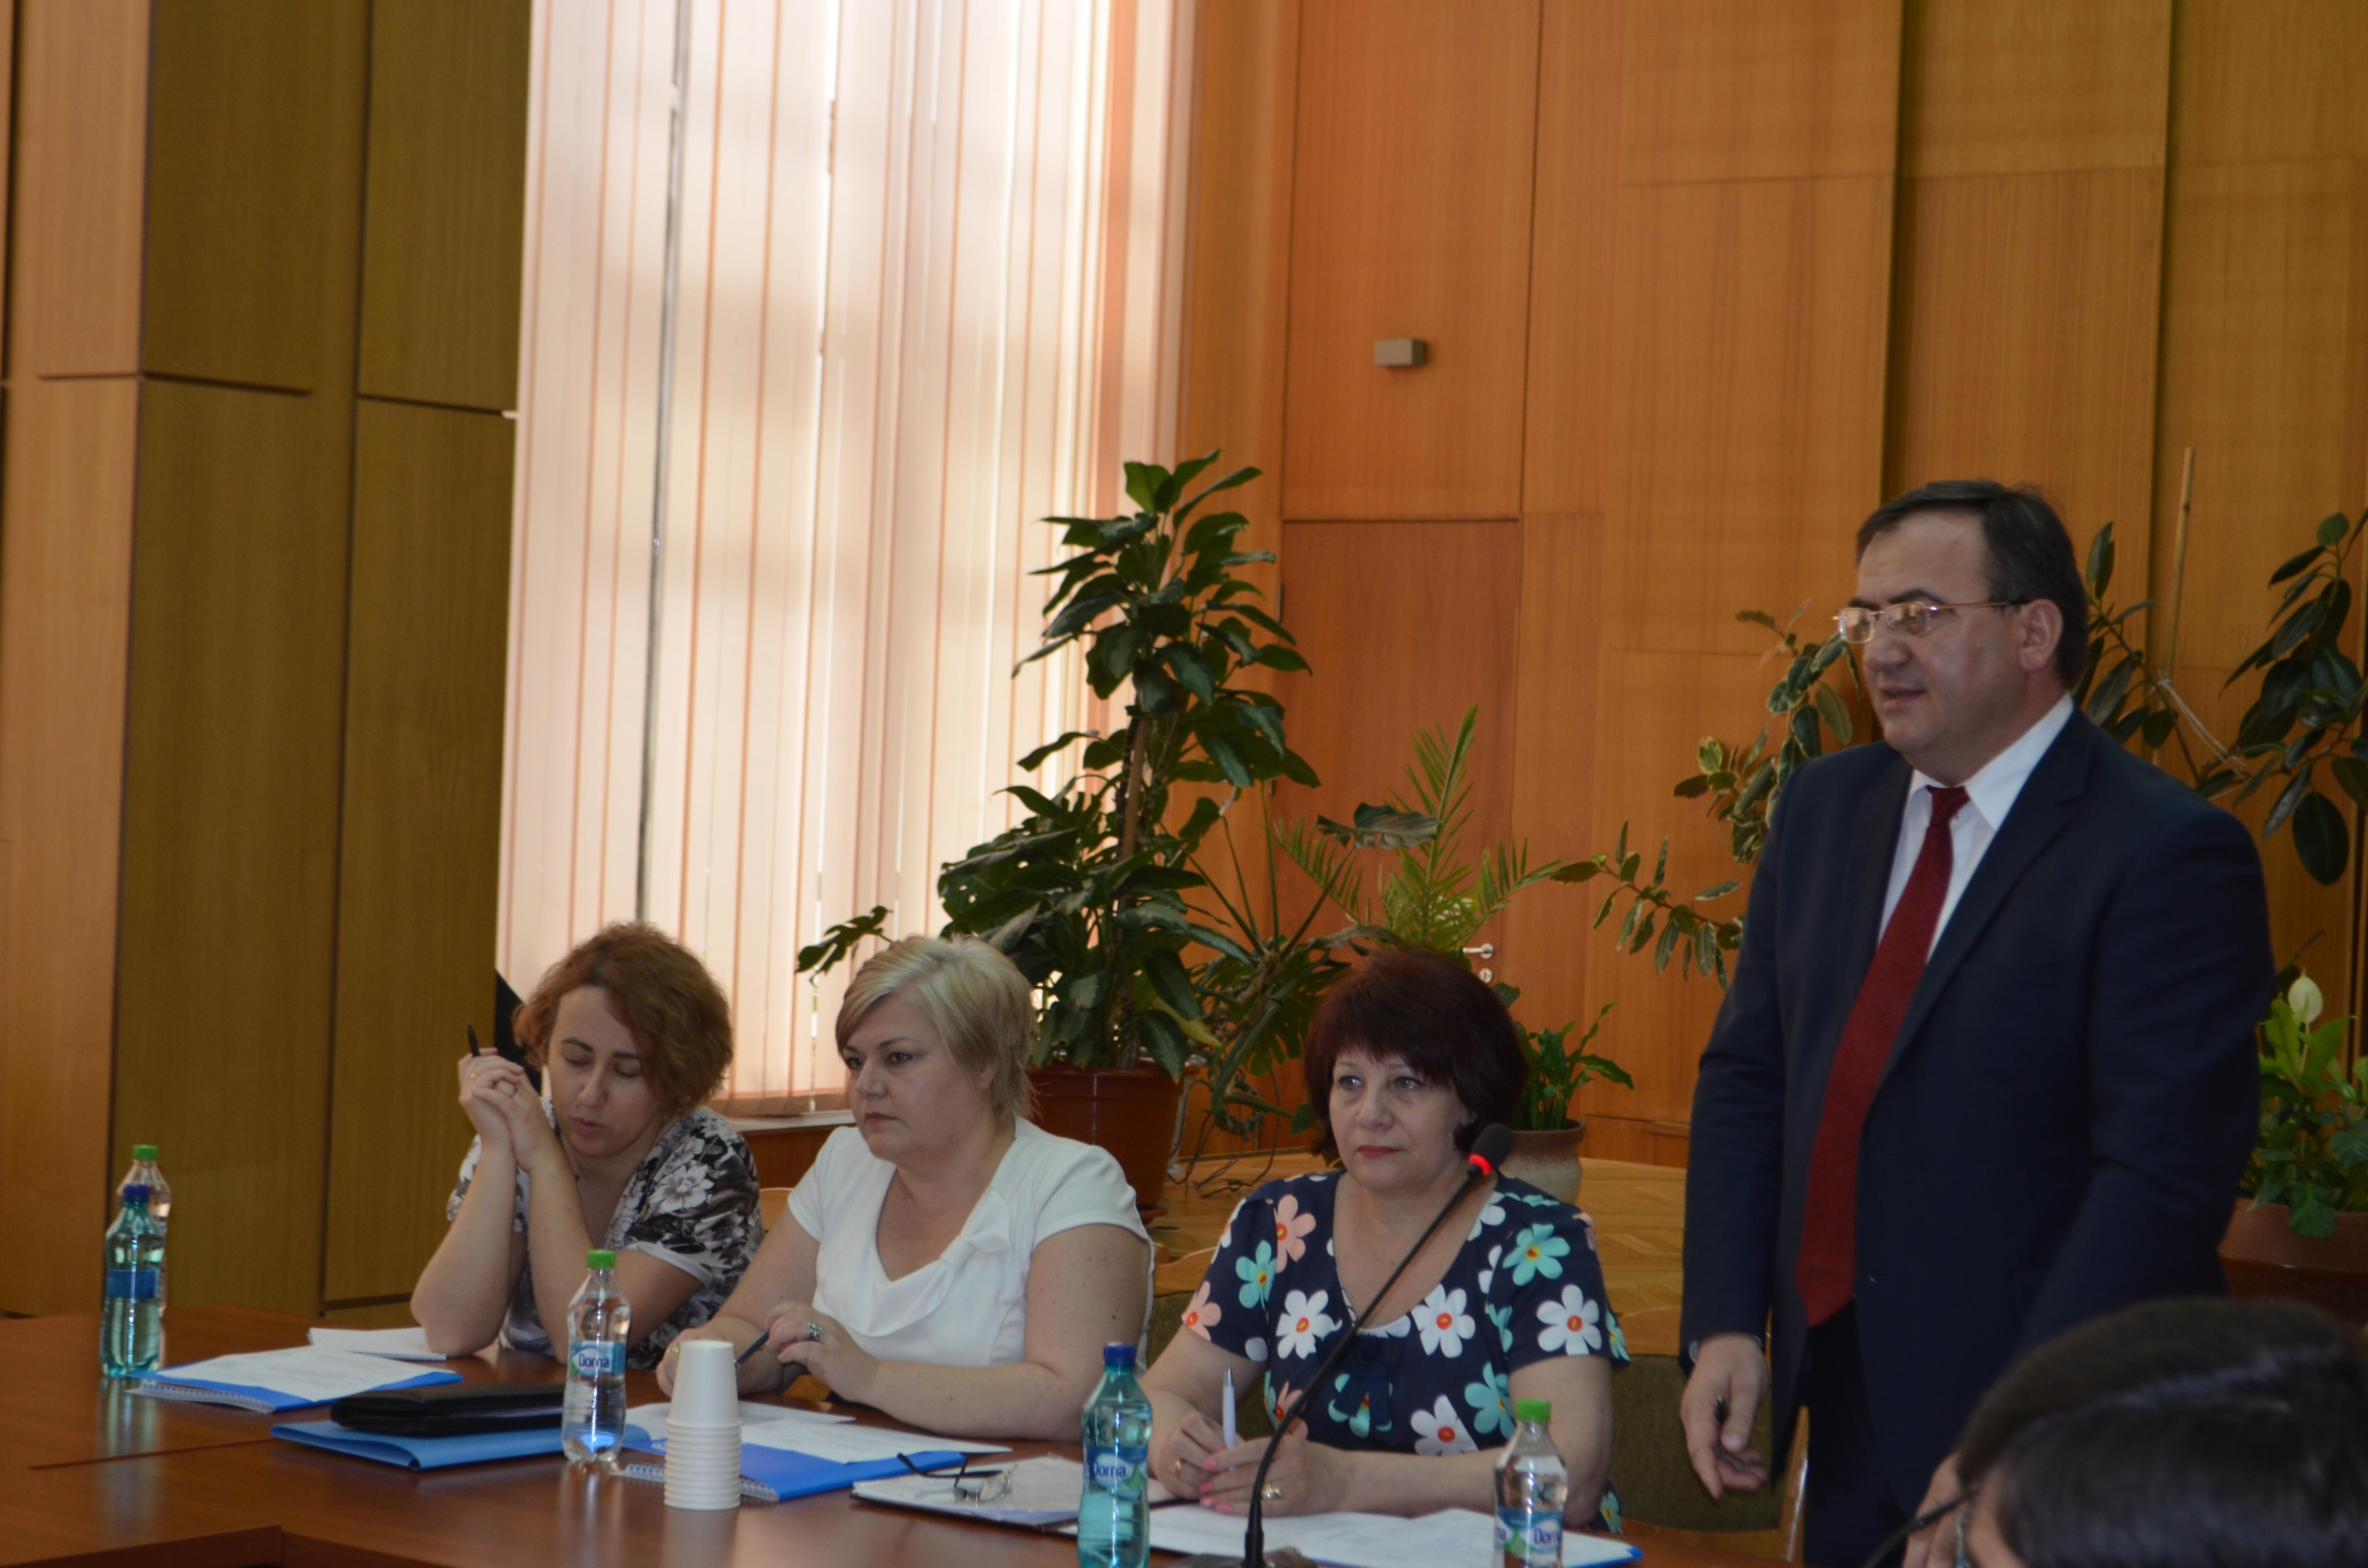 Studiu: Costurile pentru investiția în sistemul de învățământ preșcolar din Moldova